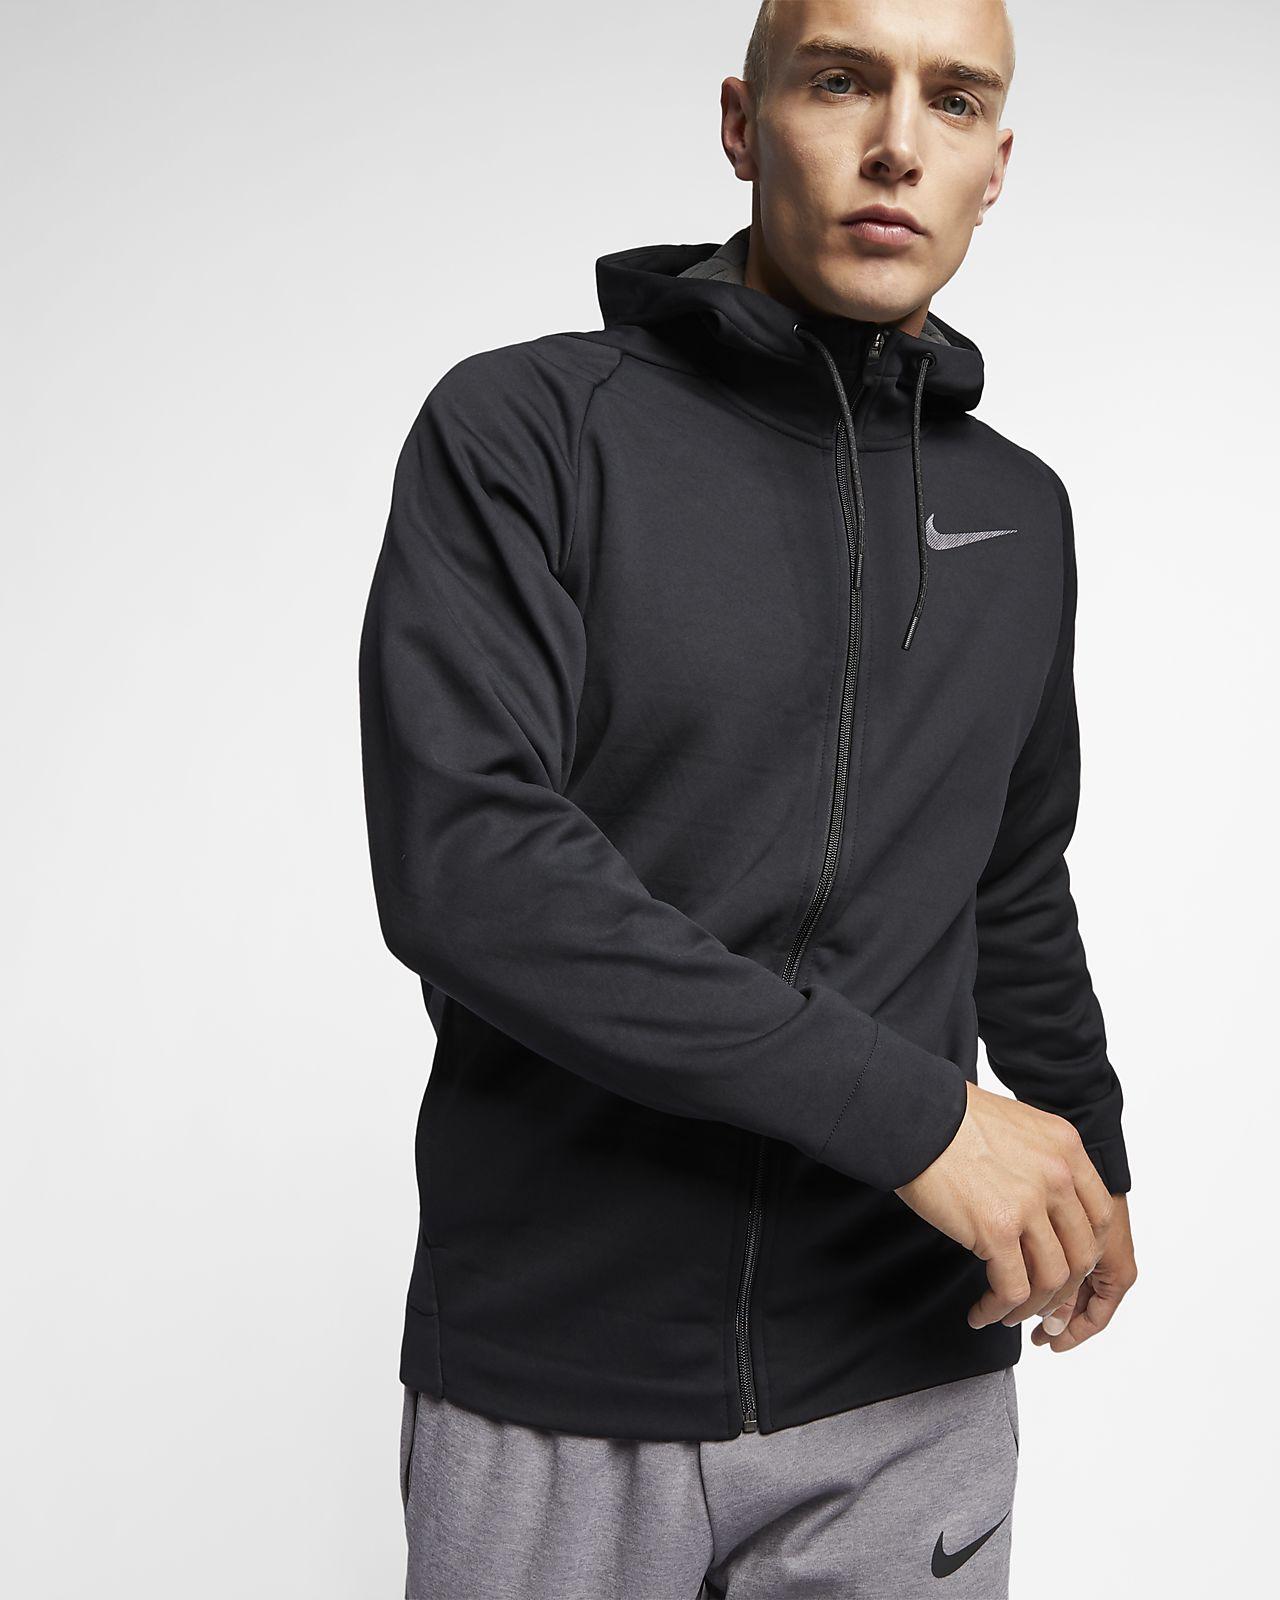 ... Giacca da training con zip a tutta lunghezza e cappuccio Nike Therma -  Uomo 5da4ff501366